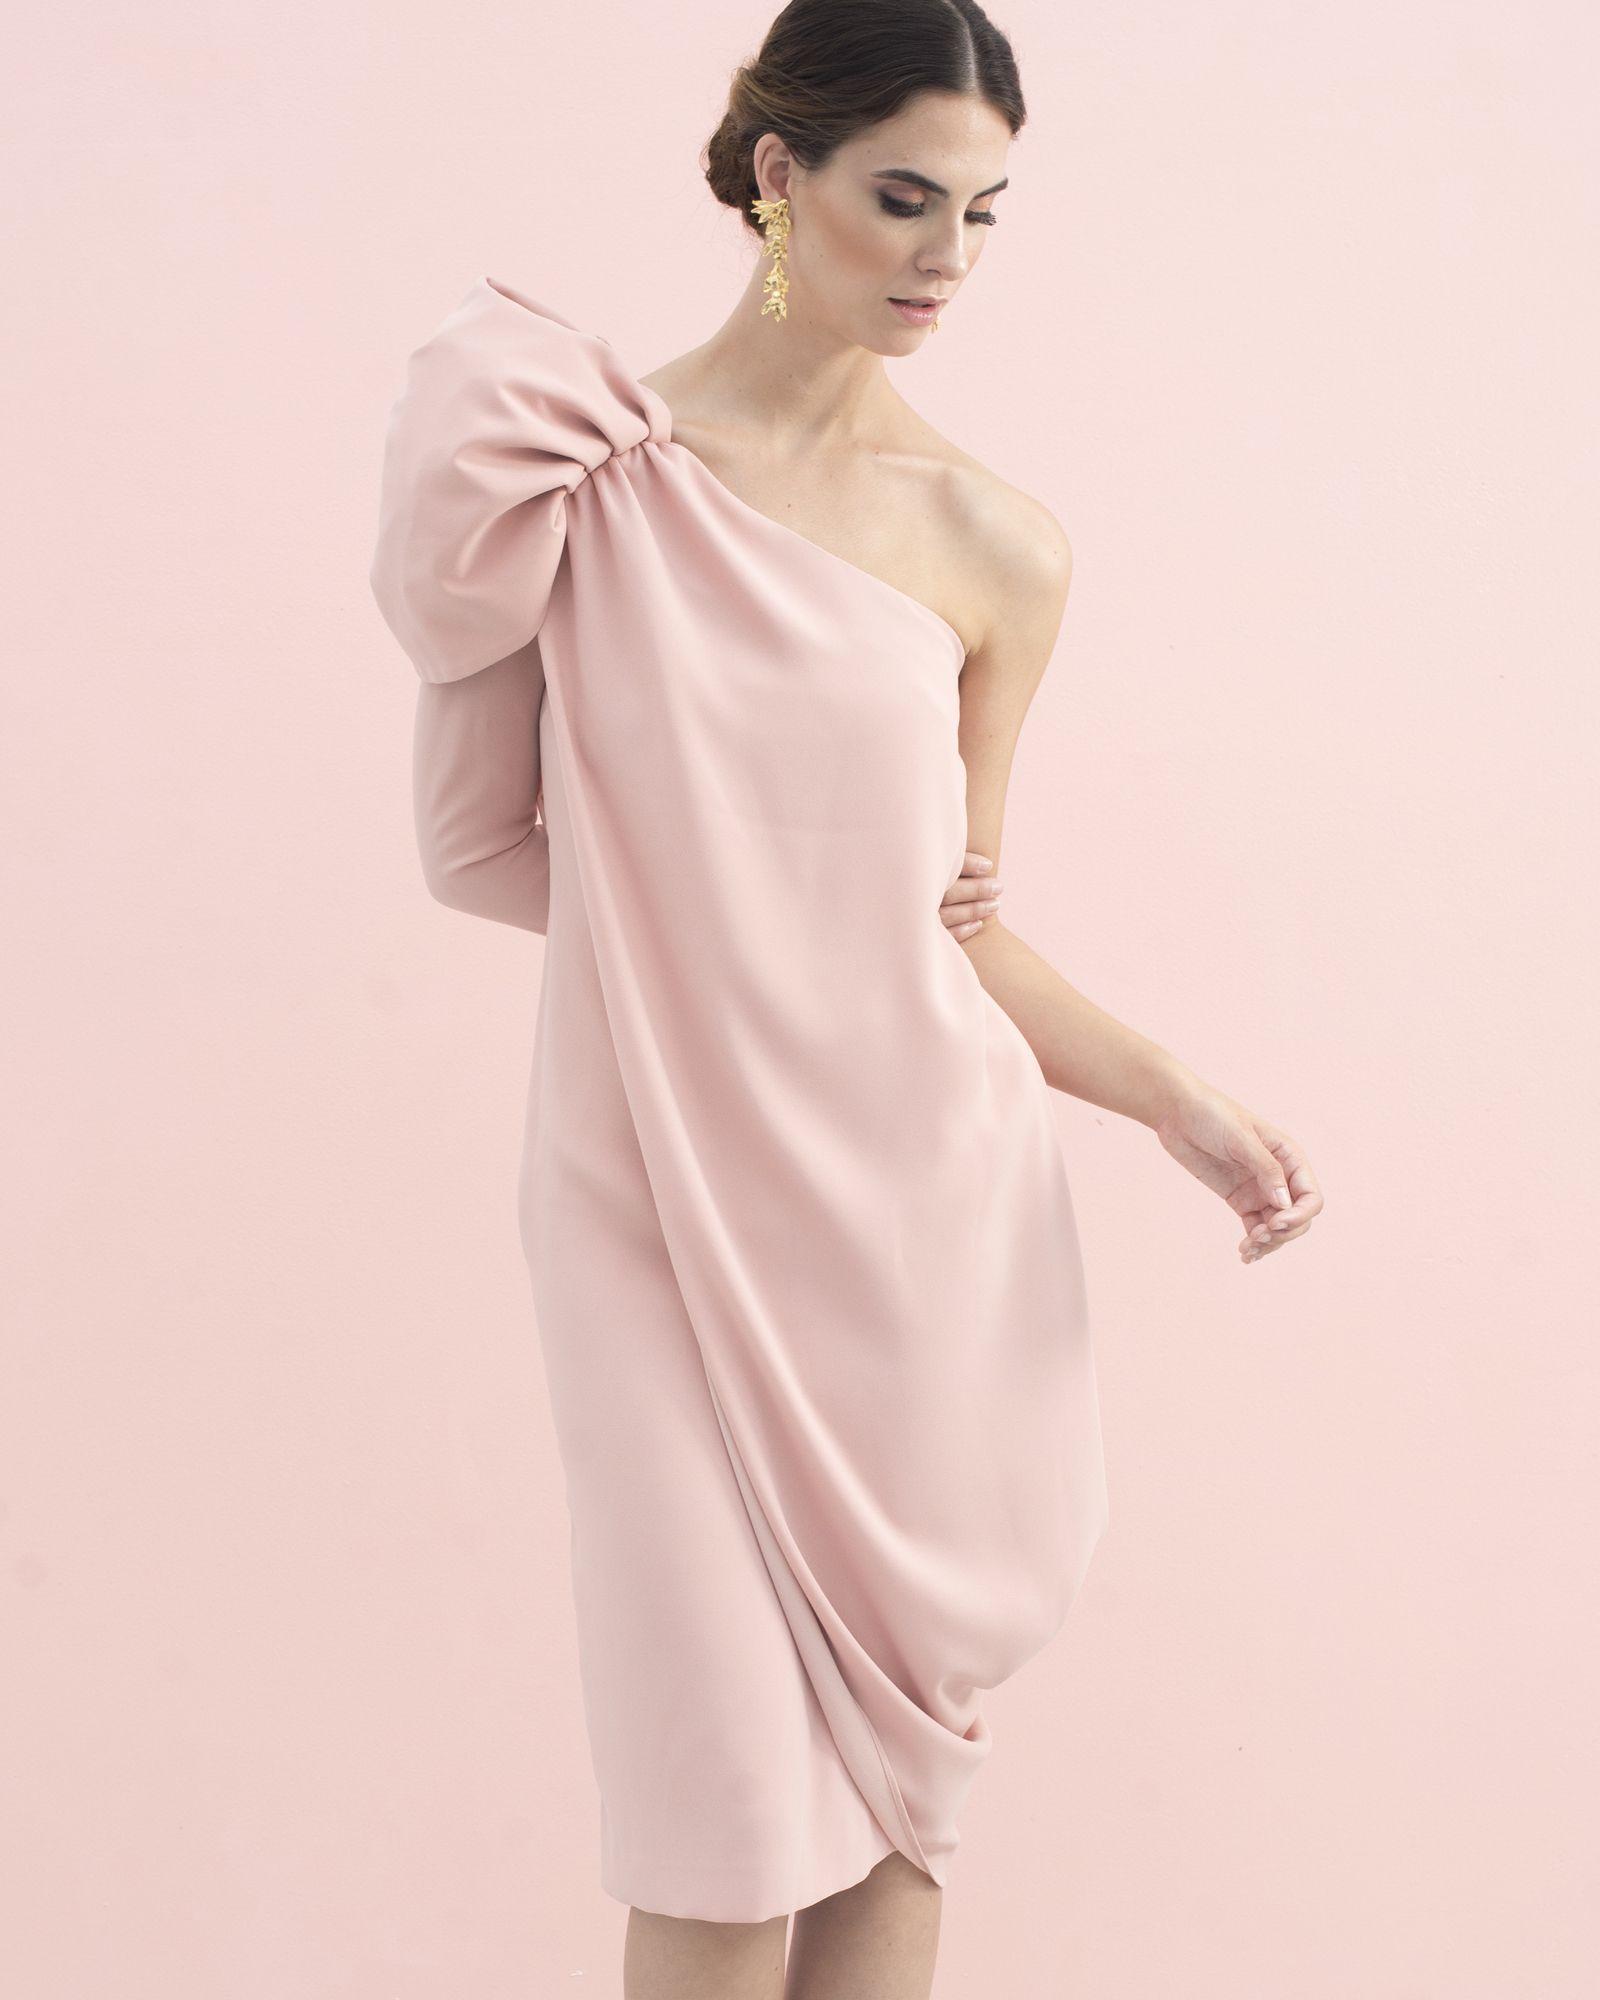 Vistoso Vestido De Novia Hindi Friso - Colección de Vestidos de Boda ...